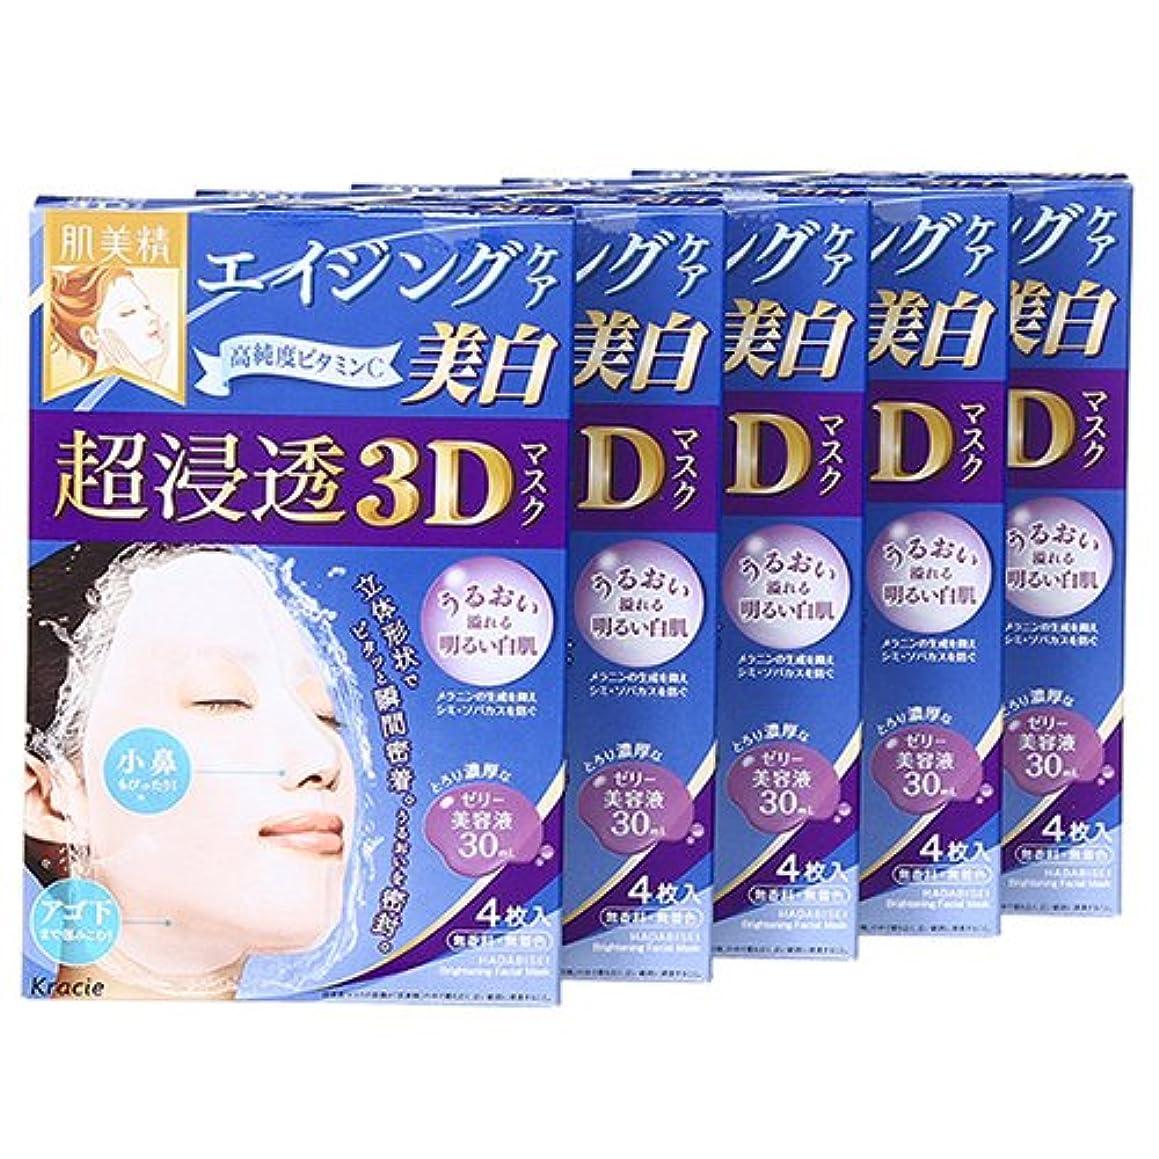 知覚できる以内に日焼けクラシエホームプロダクツ 肌美精 超浸透3Dマスク エイジングケア(美白) 4枚入 (美容液30mL/1枚) 5点セット [並行輸入品]